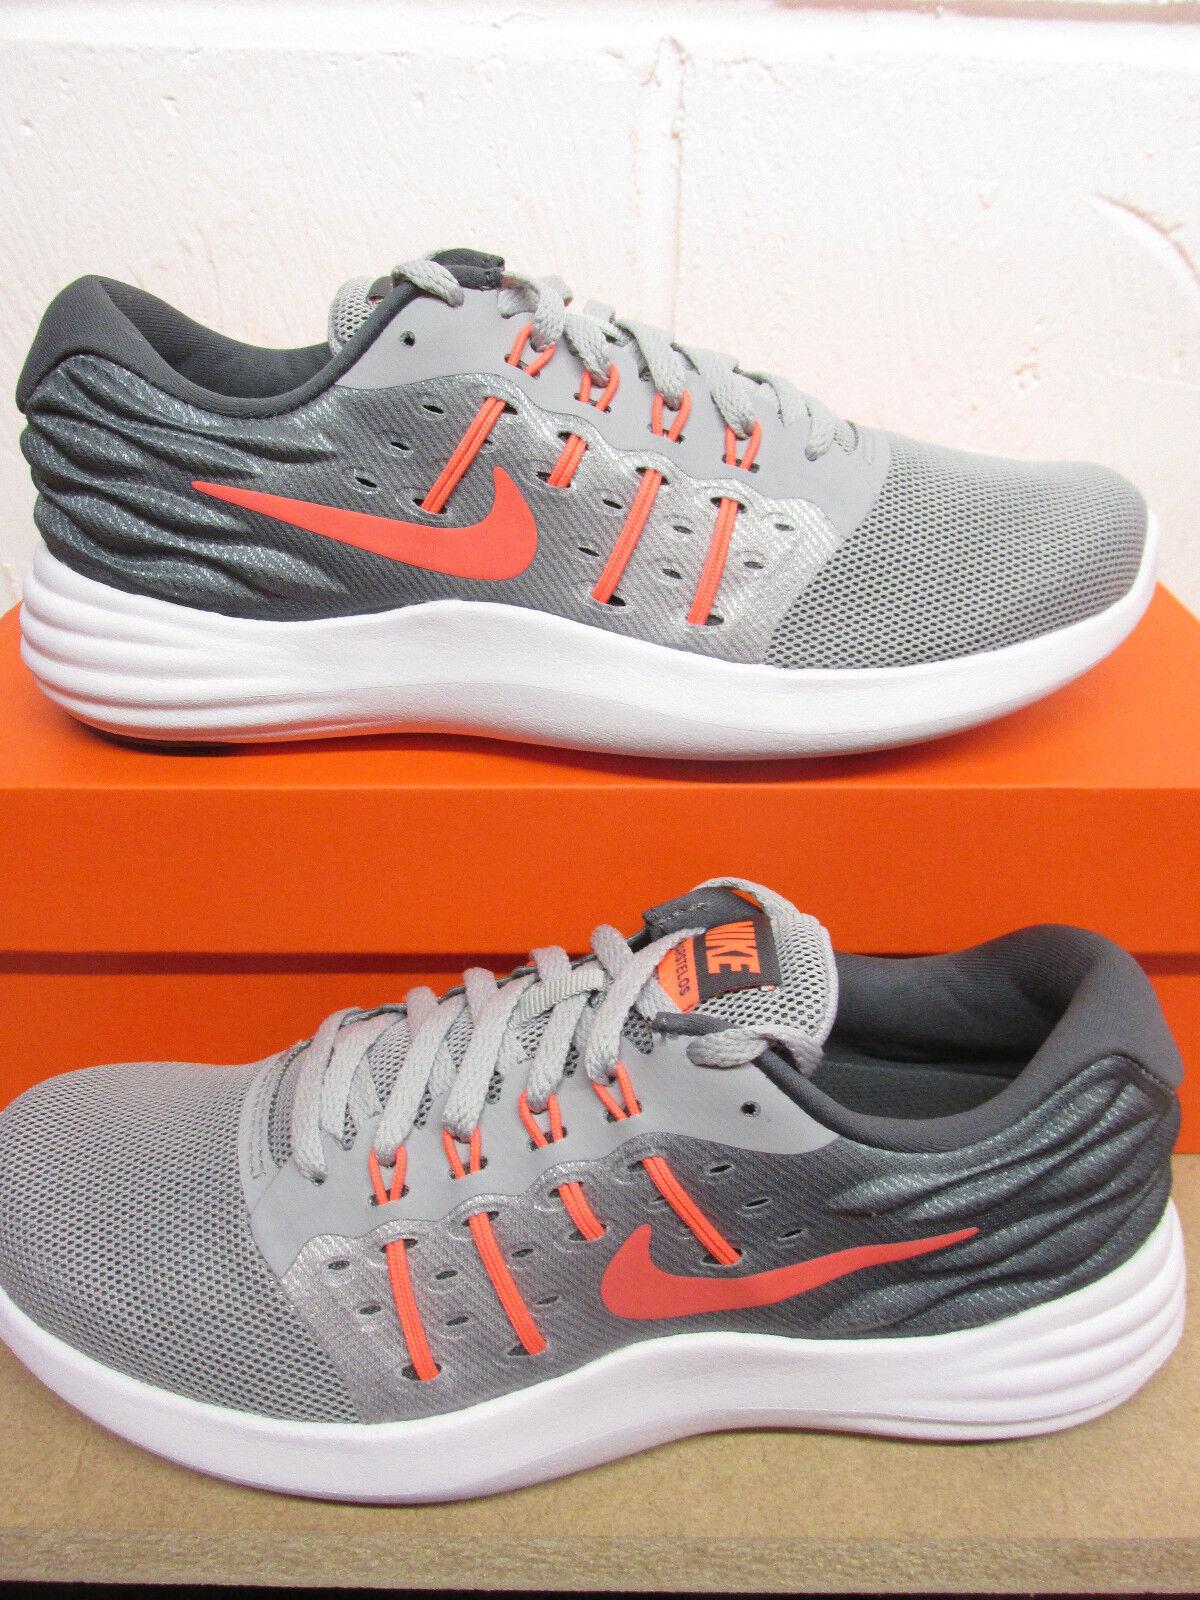 Nike Womens Lunarstelos Running Trainers 844736 003 Sneakers Shoes